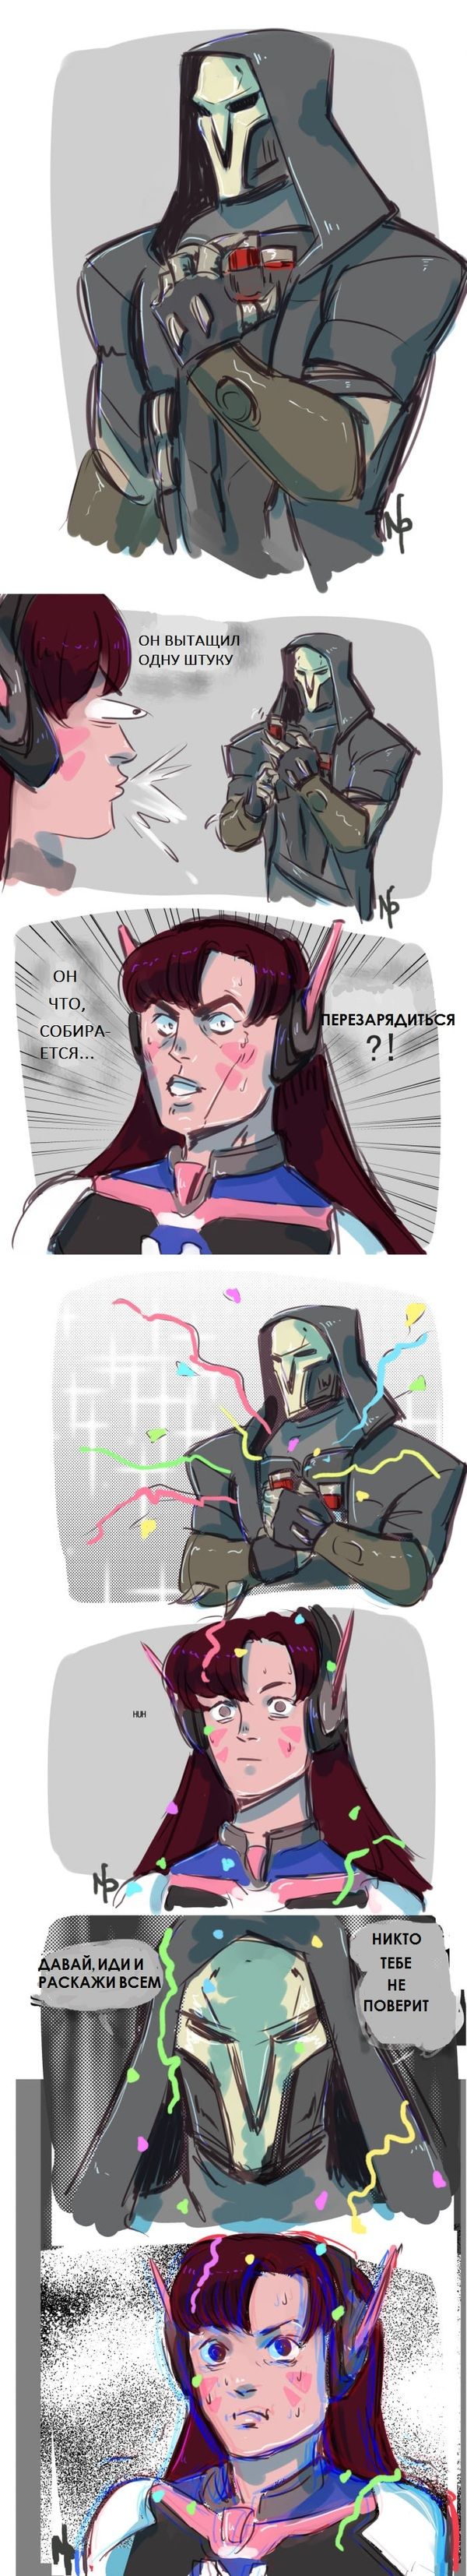 Он всегда готов к вечеринке. overwatch, Игры, reaper, Dva, длиннопост